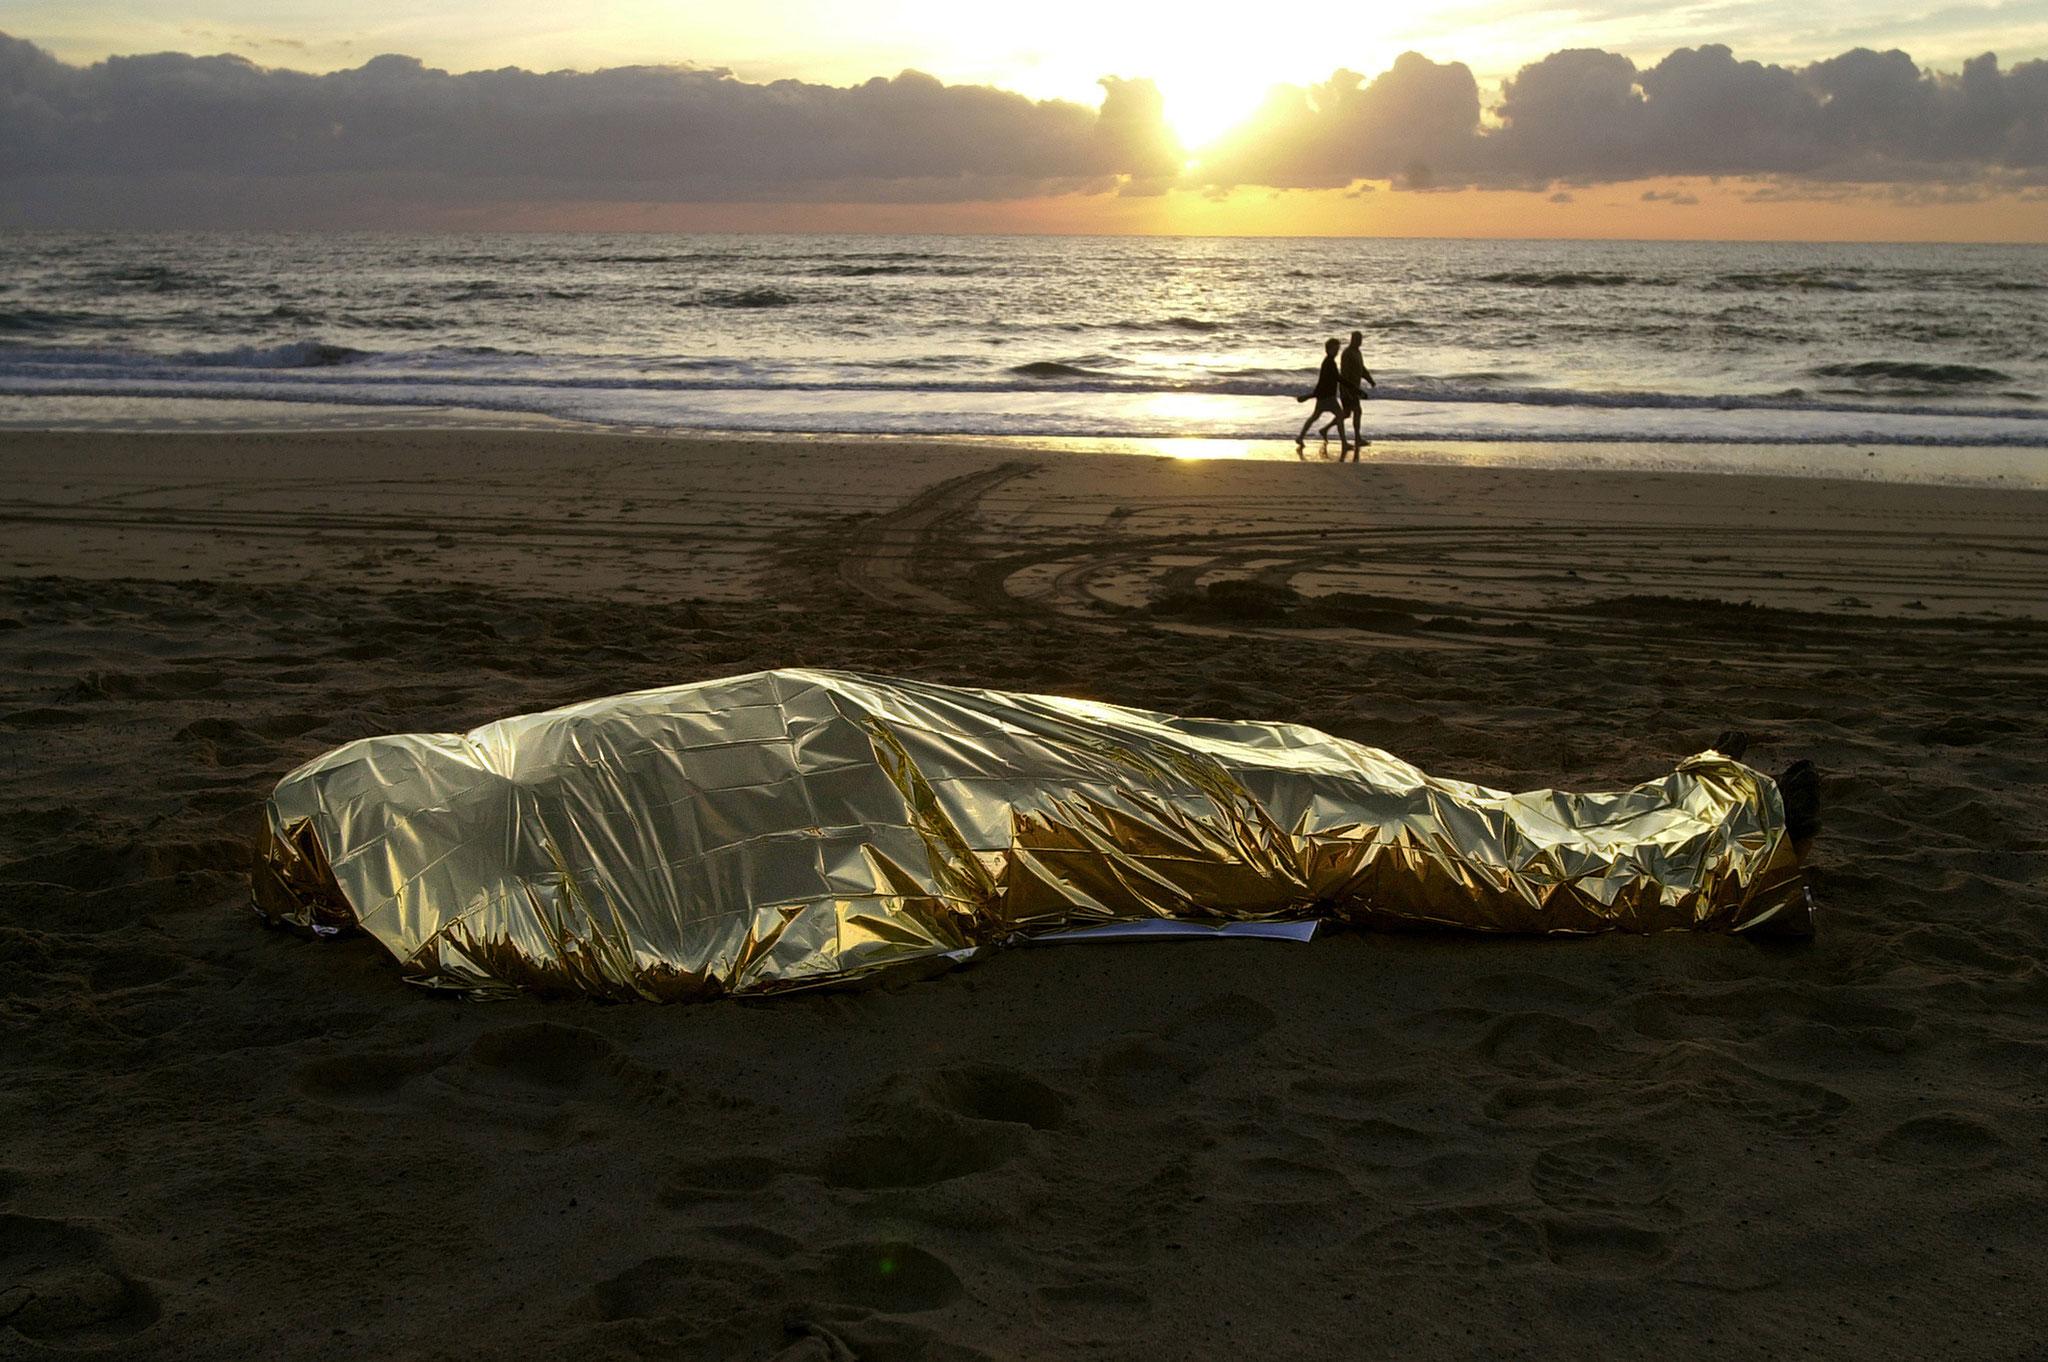 El cuerpo de uno de los inmigrantes ahogados yace en la playa de El Matorral. Fuerteventura (2003). Juan Medina/Reuters